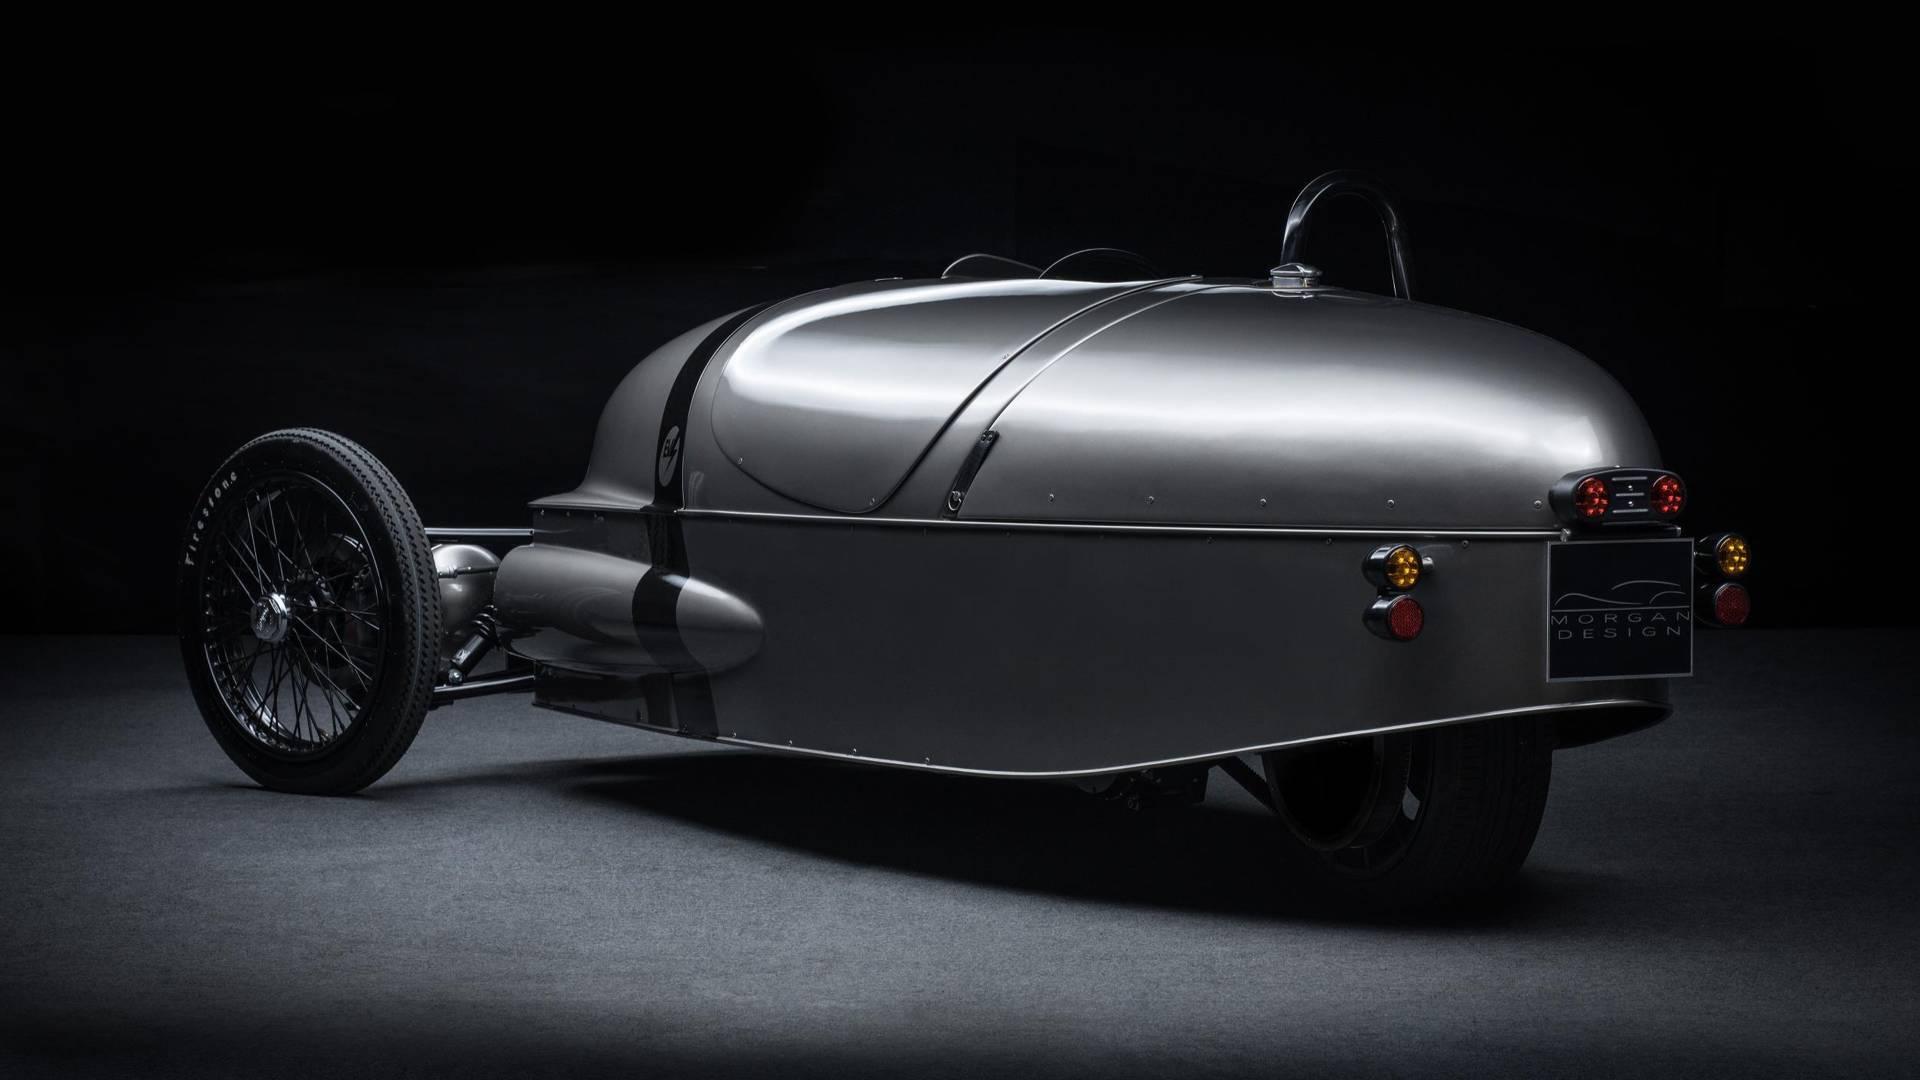 5a3a536e496d3 2018 morgan ev3 مورگان الکتریک ویلر ۳ سال آینده تولید خواهد شد   اجاره ماشین